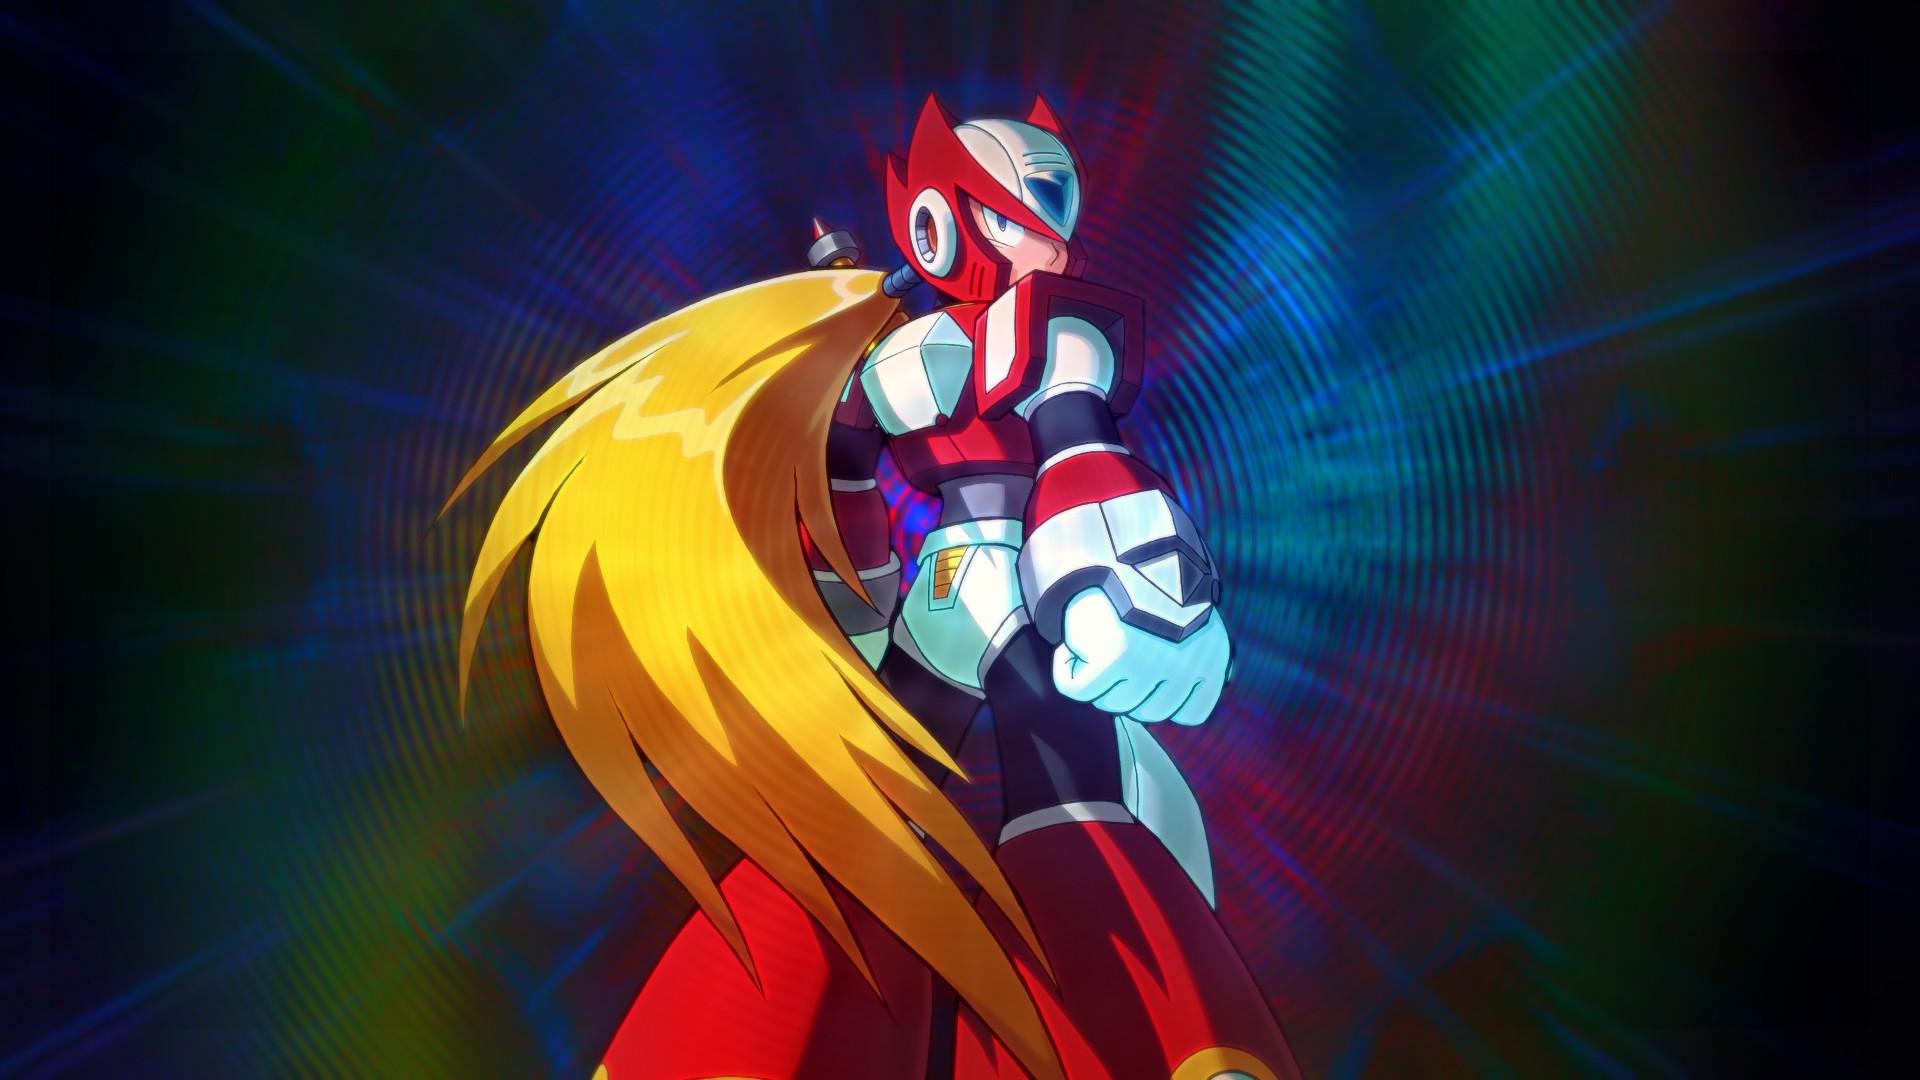 <b>Zero</b> (<b>Megaman Zero</